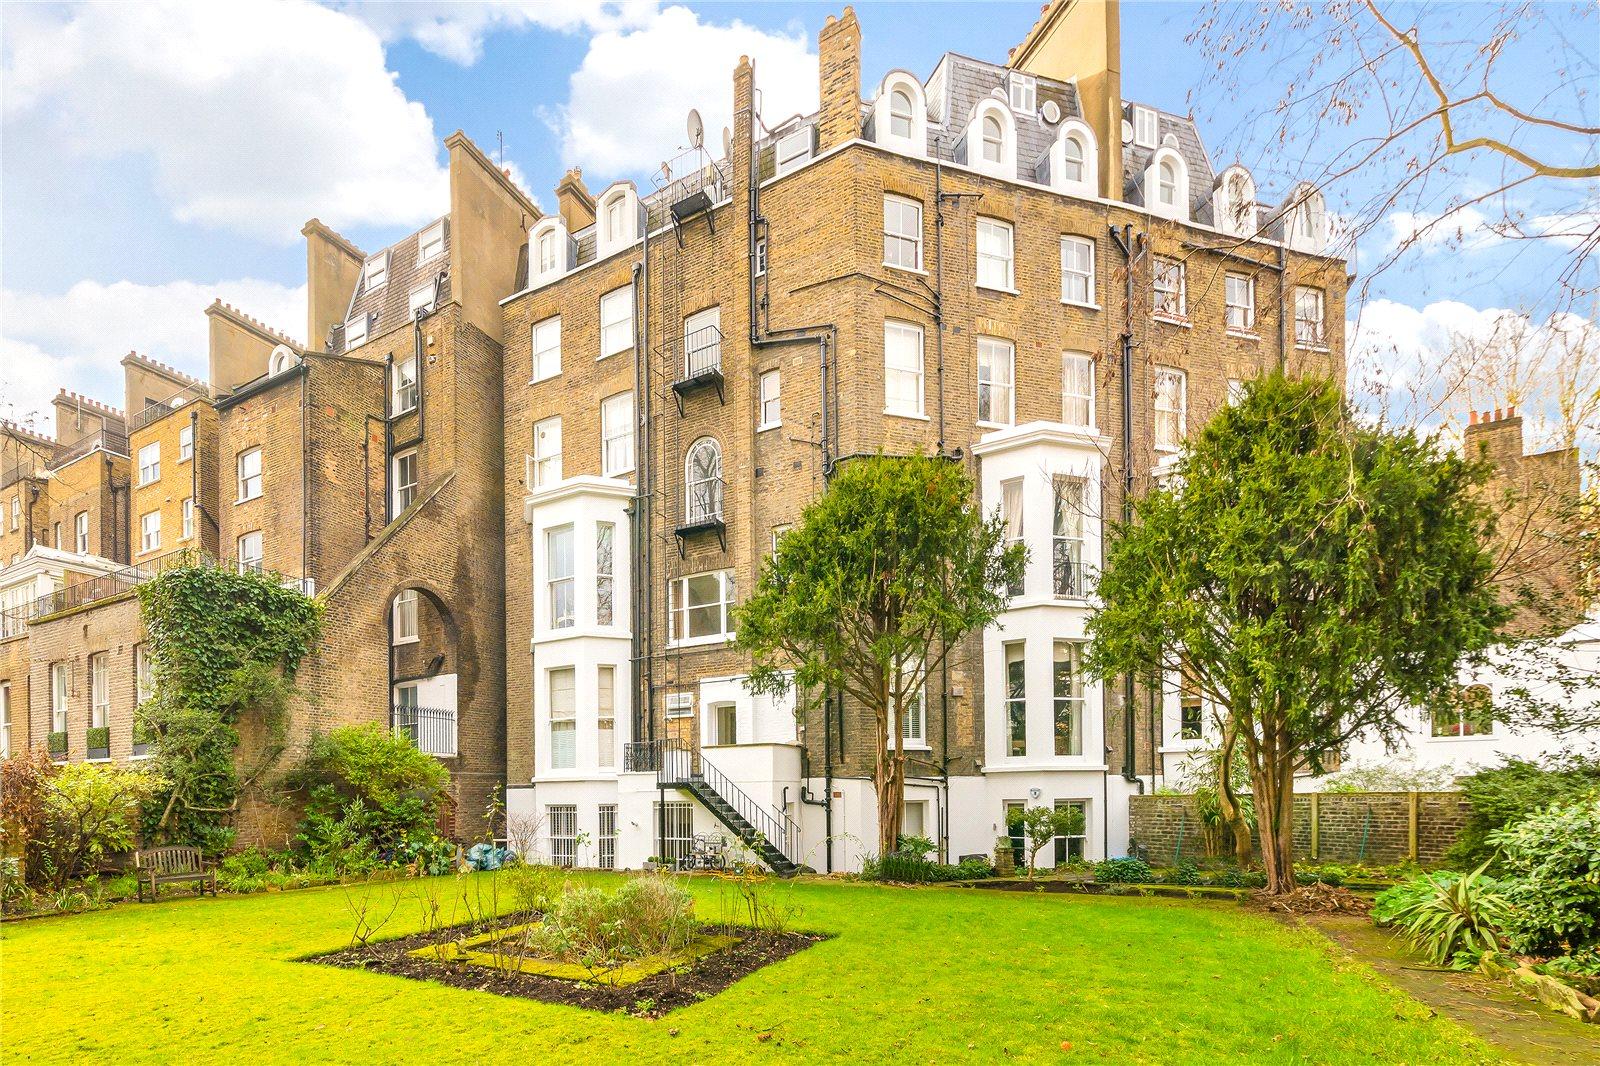 Wohnung für Verkauf beim Redcliffe Square, London, SW10 London, England